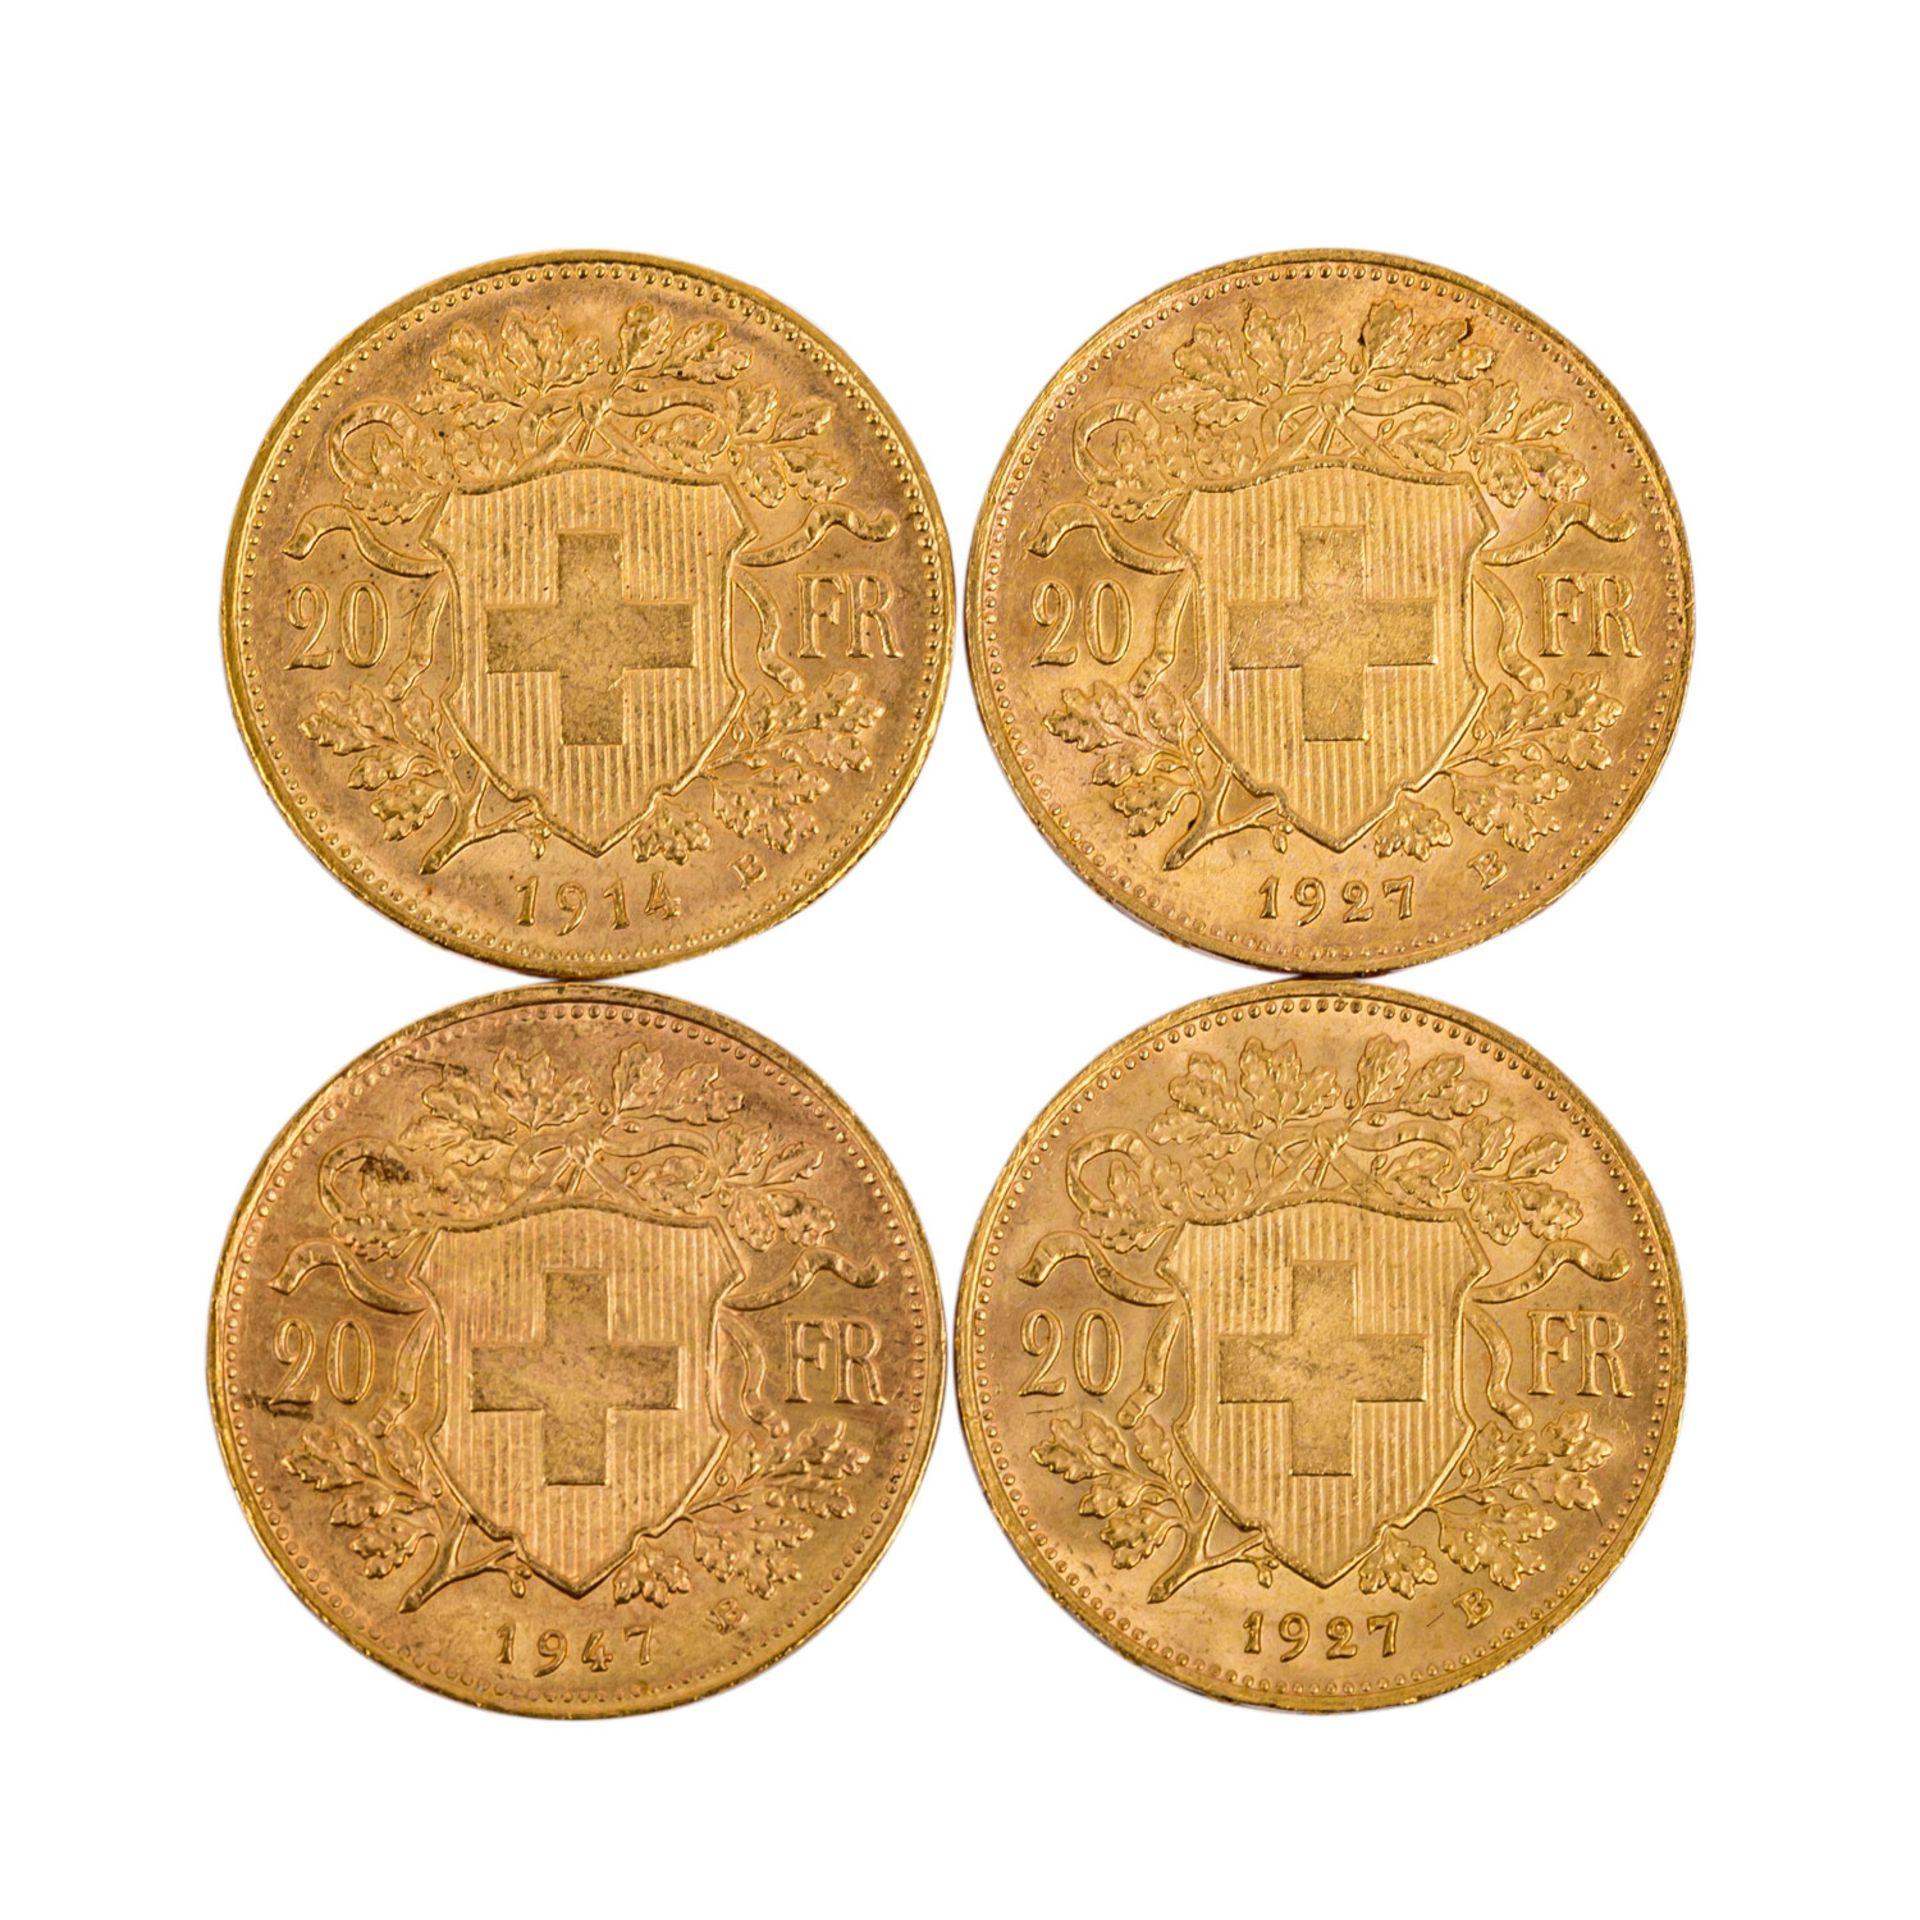 Schweiz - 4 x 20 Franken, Motiv Vreneli, - Bild 2 aus 2